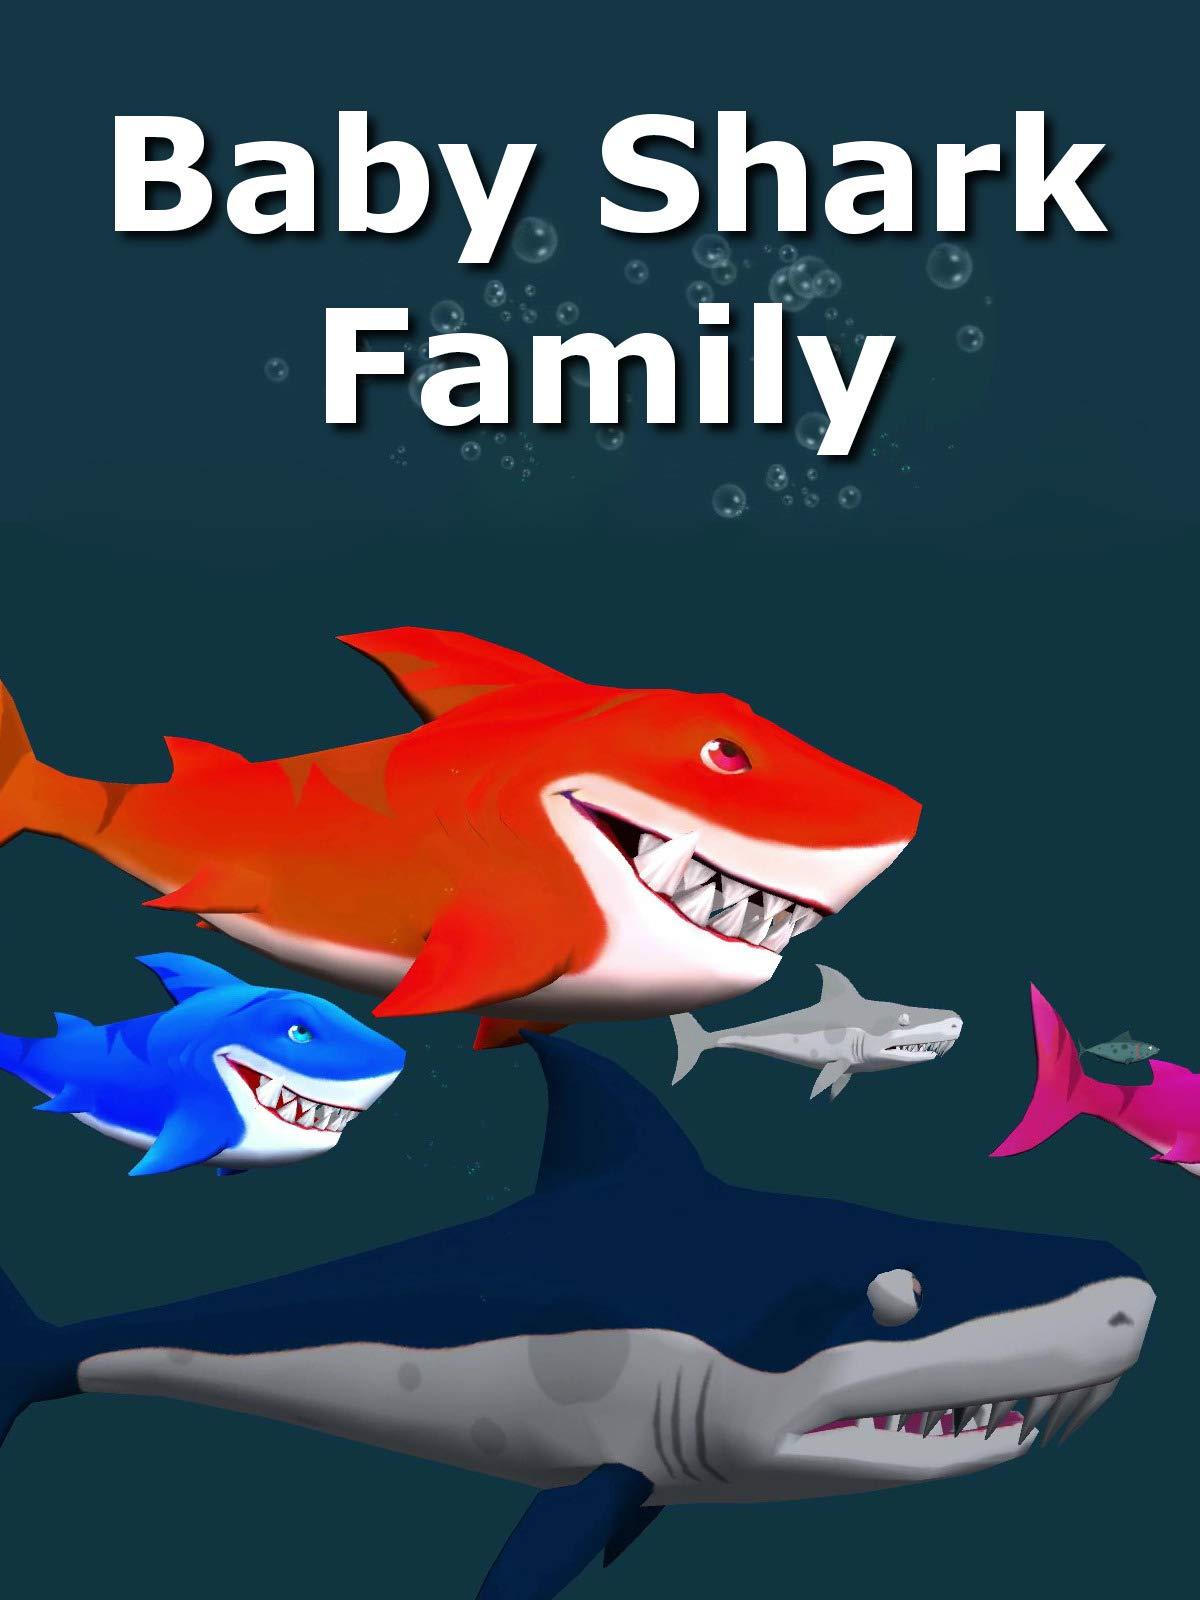 Baby Shark Family